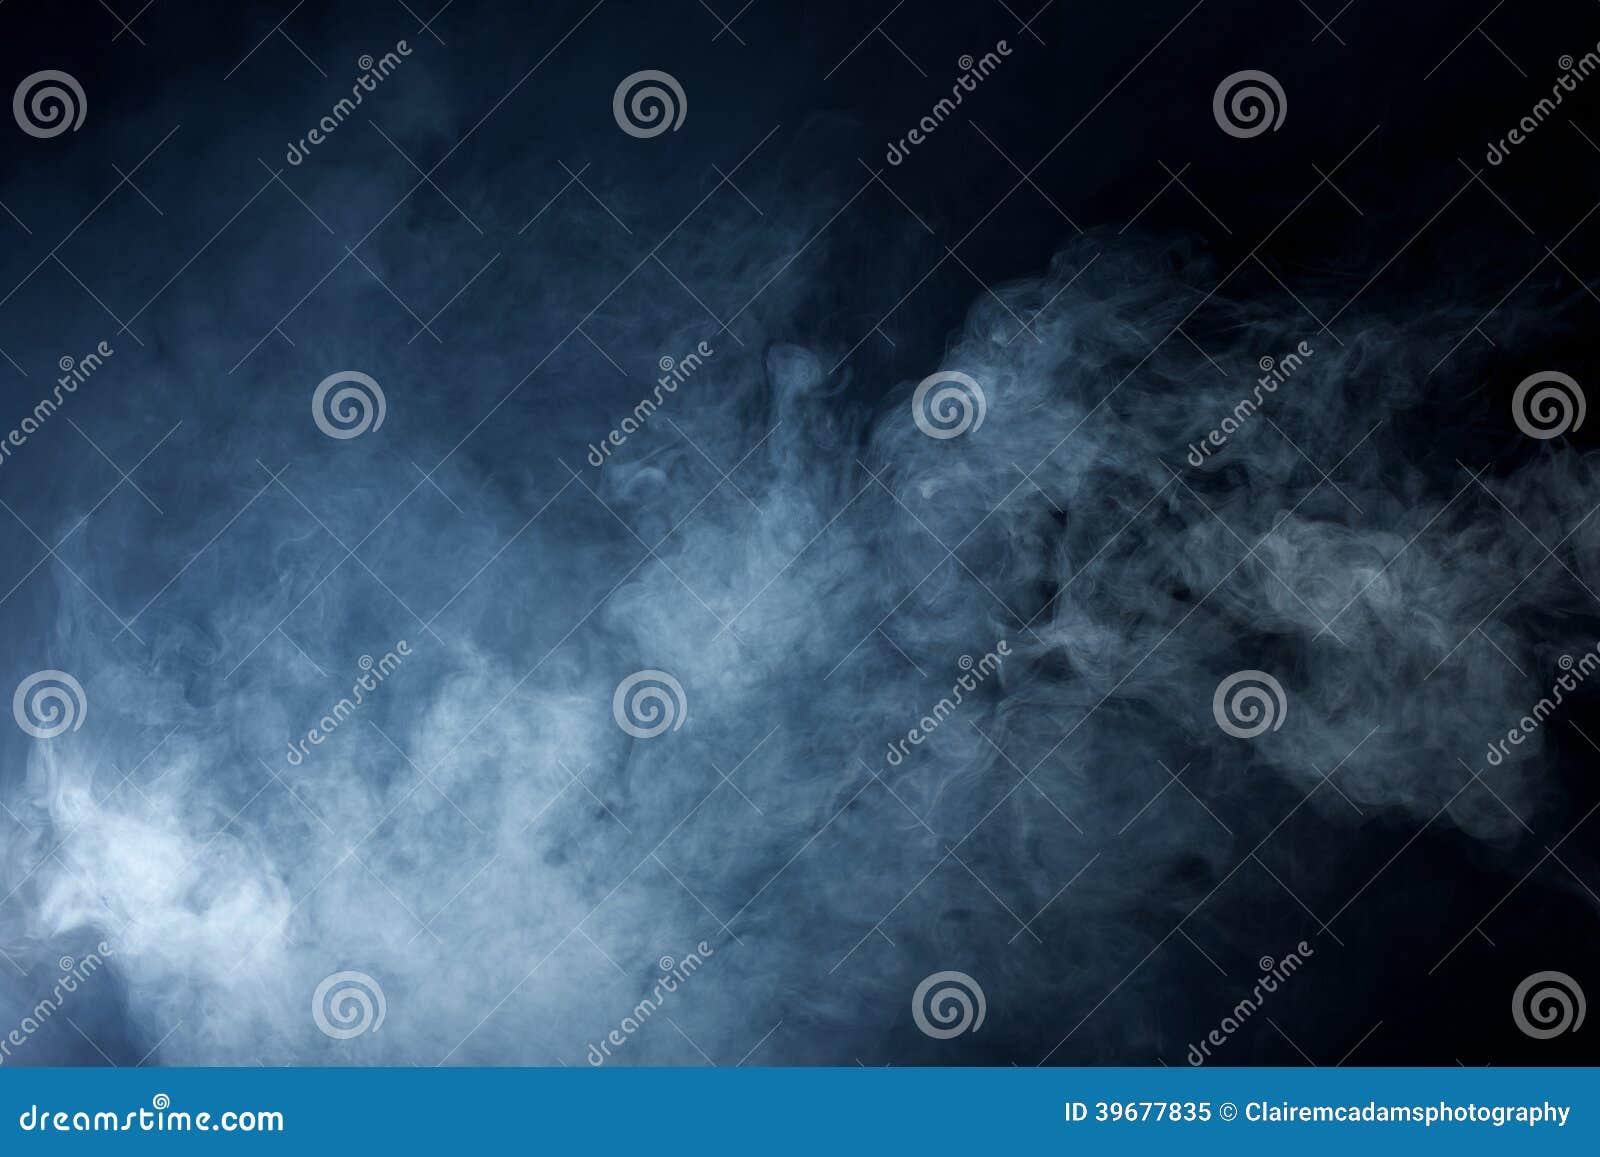 Blaues Grey Smoke auf schwarzem Hintergrund